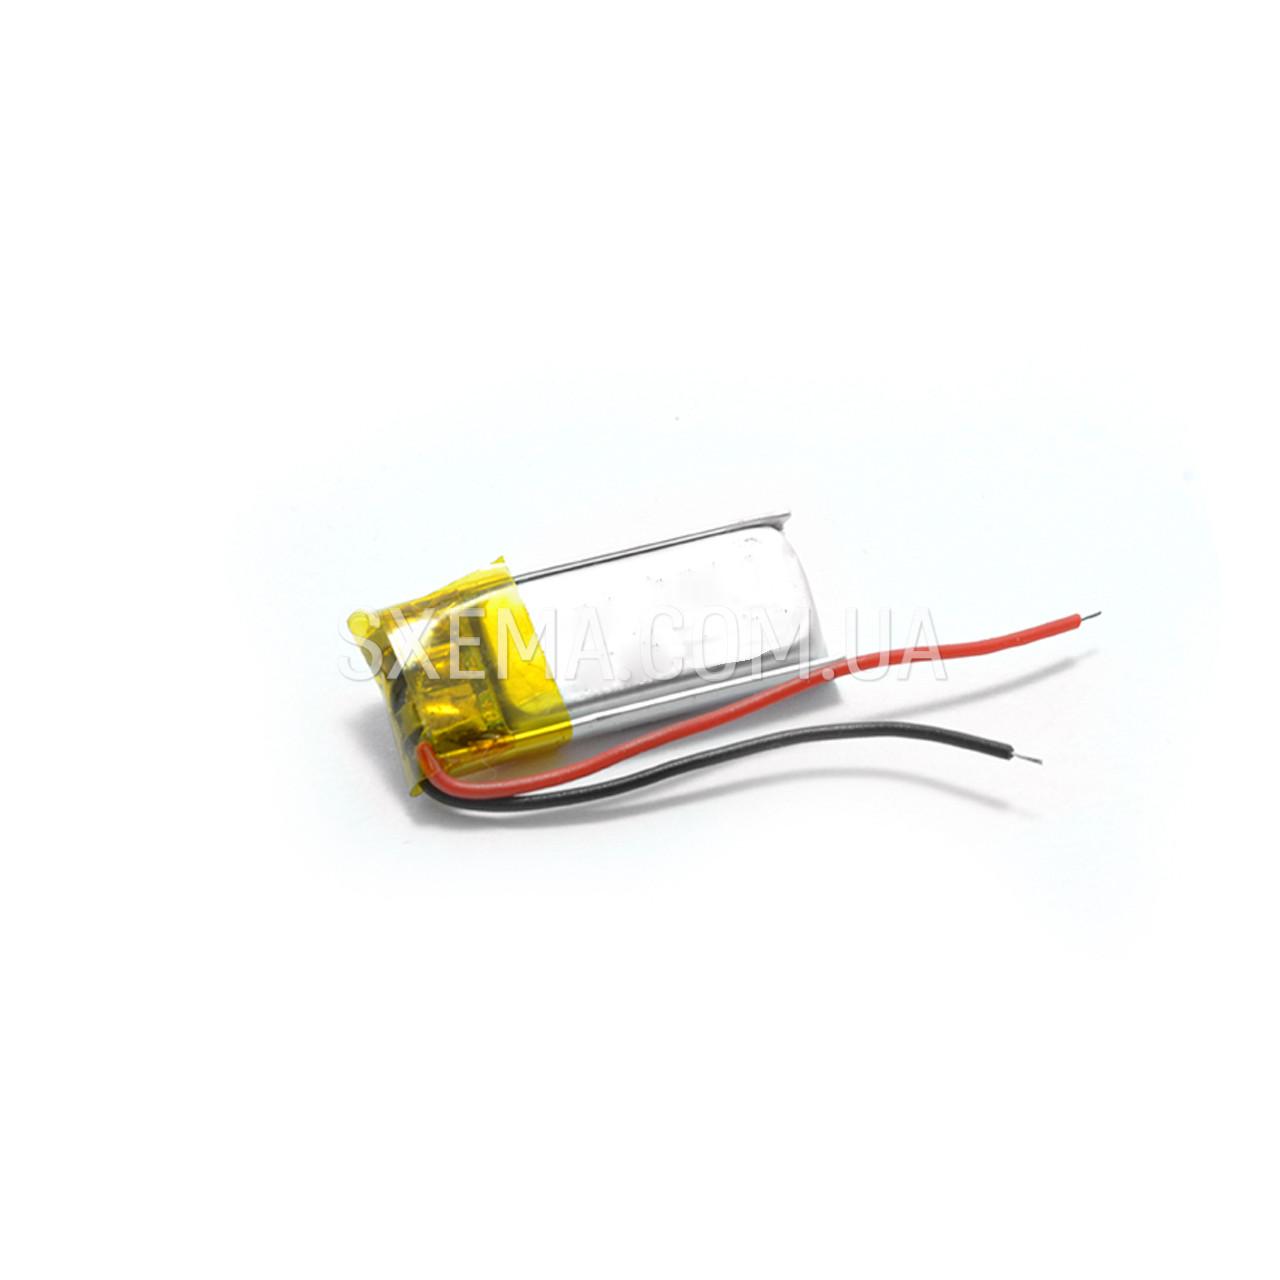 Аккумулятор универсальный 041121 (Li-ion 3.7В 50мА·ч), (21*11*4 мм)